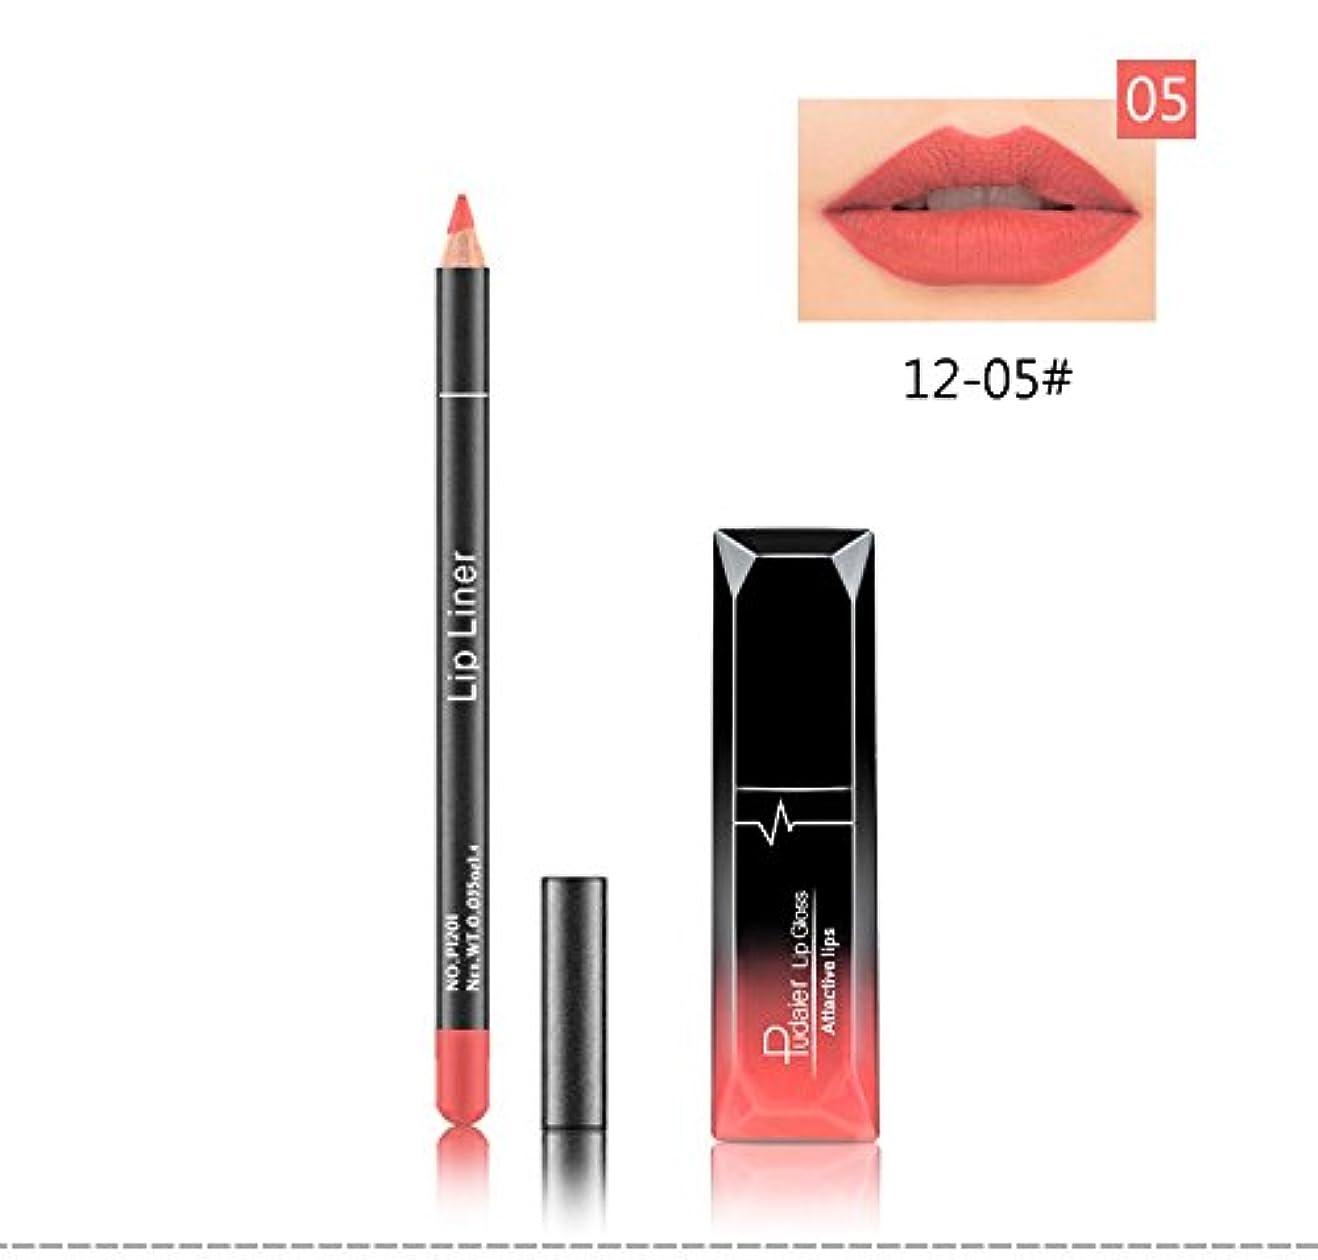 ケーブル役割困惑した(05) Pudaier 1pc Matte Liquid Lipstick Cosmetic Lip Kit+ 1 Pc Nude Lip Liner Pencil MakeUp Set Waterproof Long Lasting Lipstick Gfit